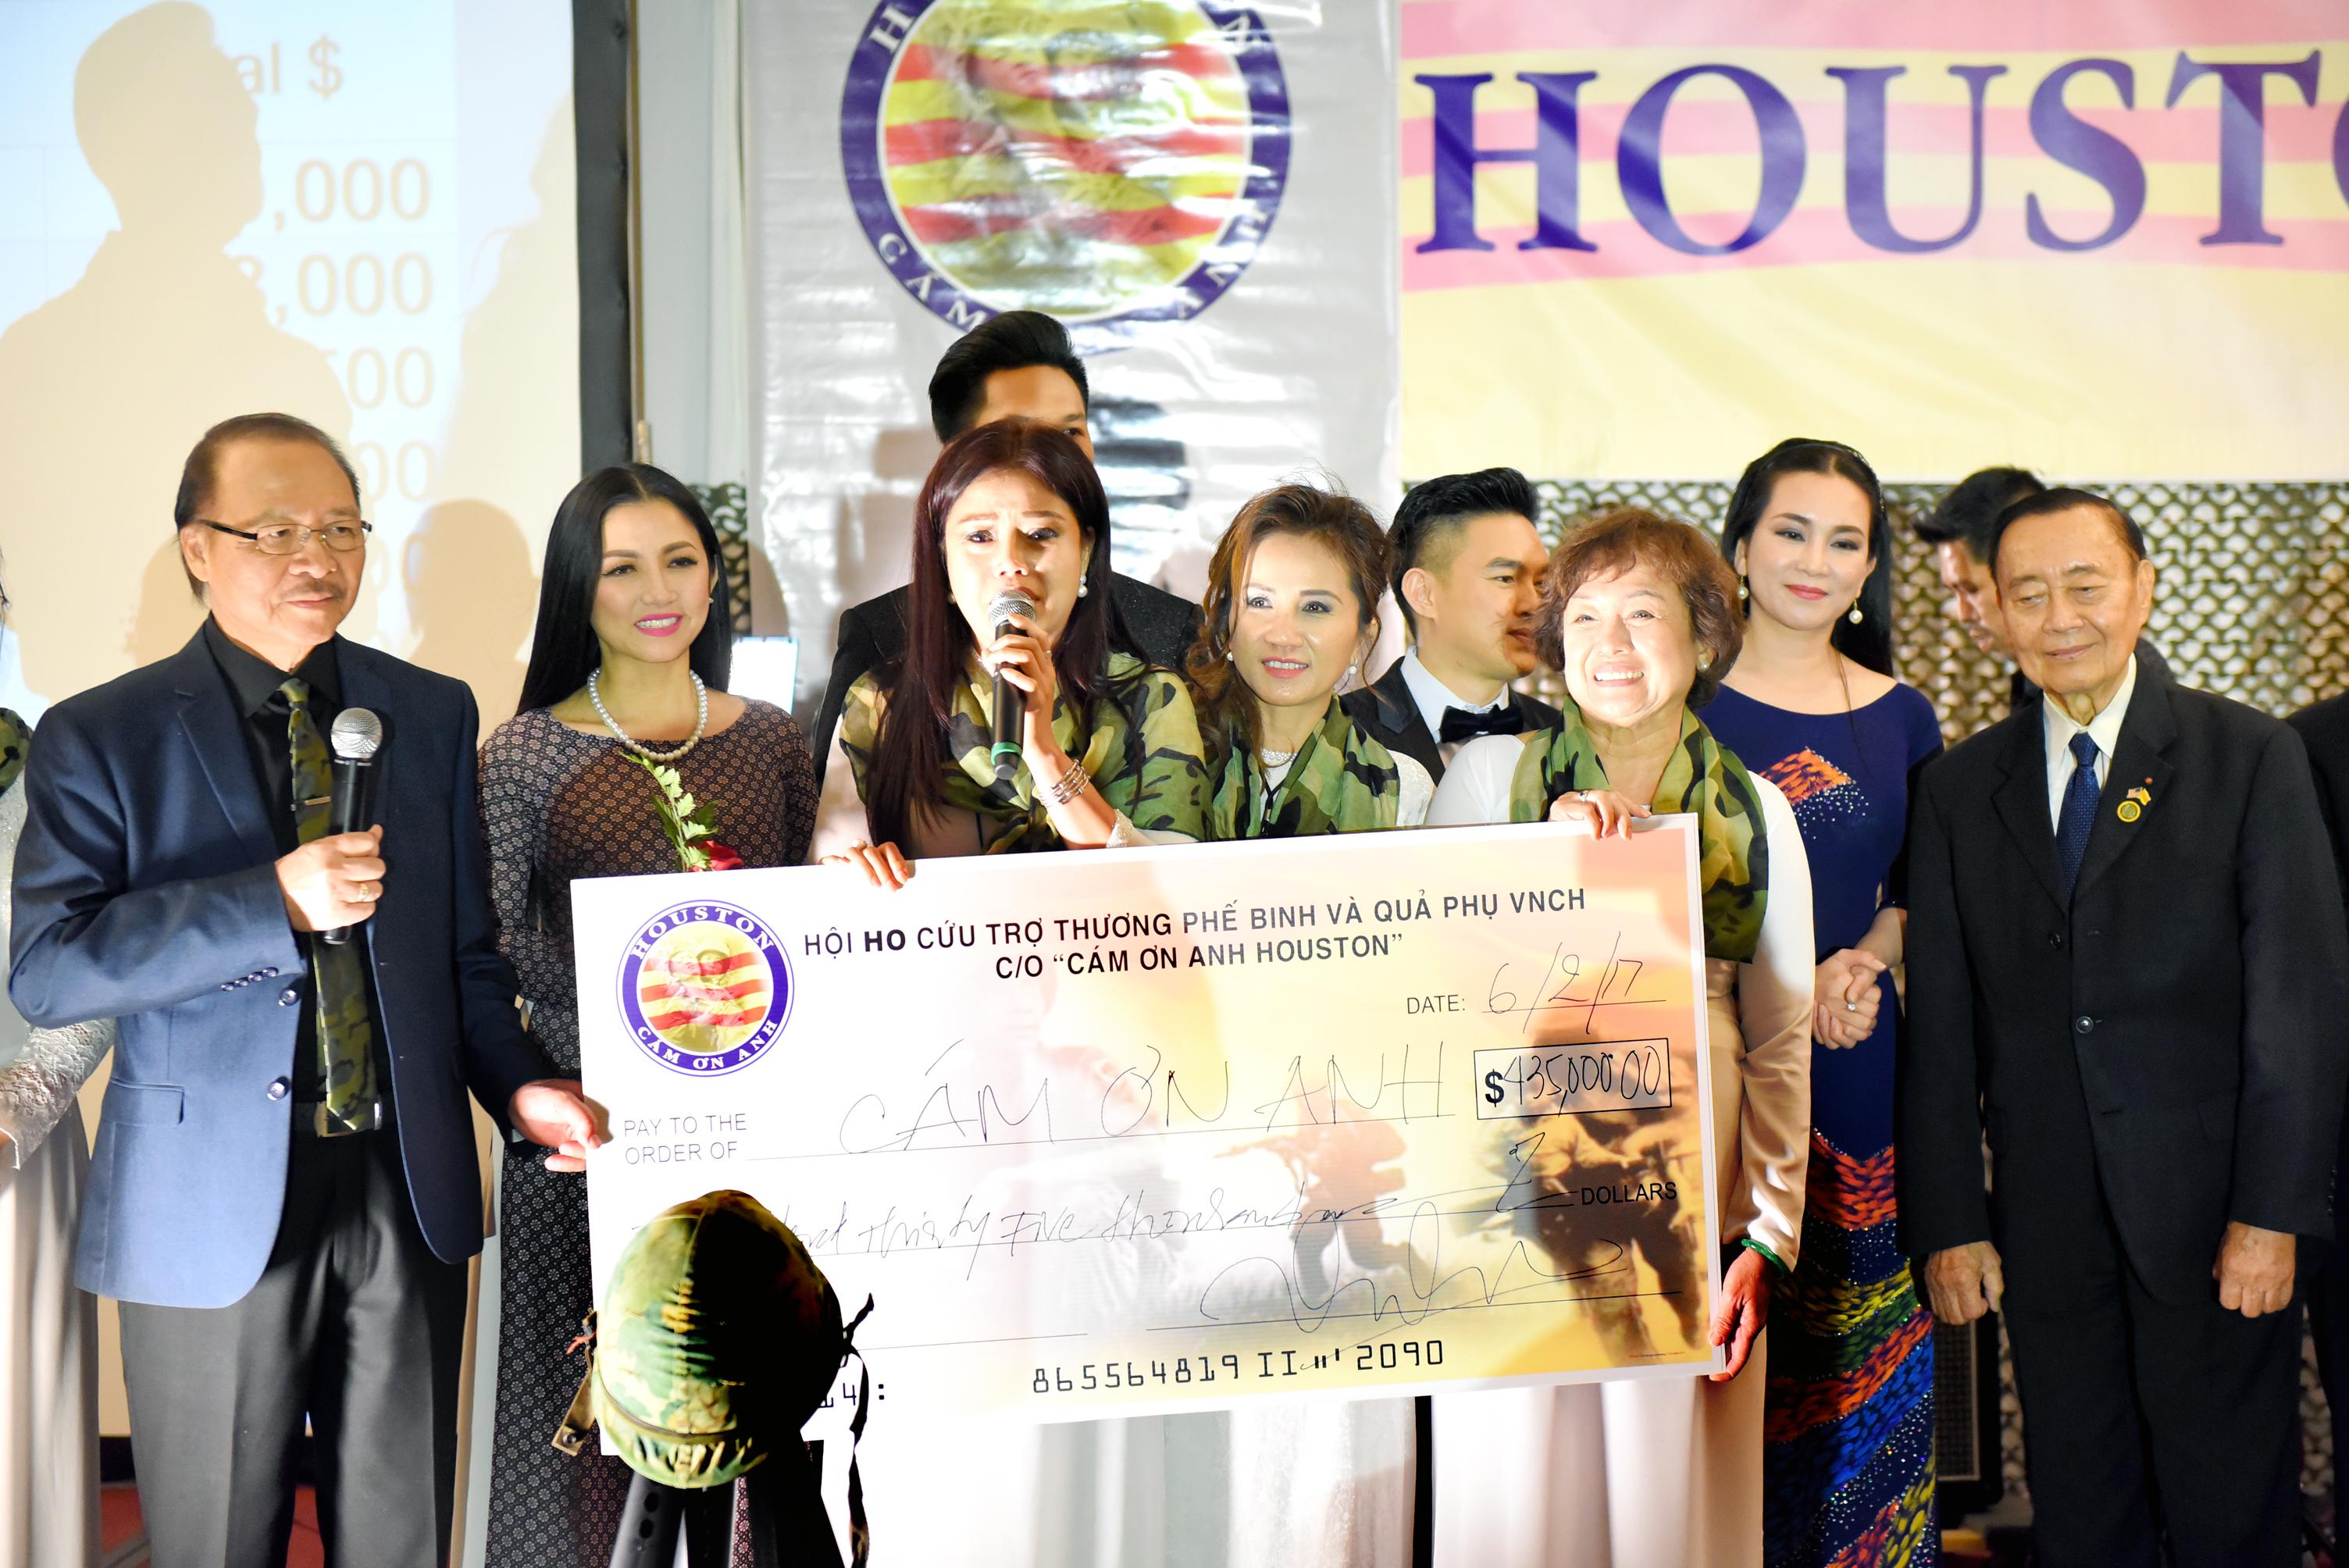 """""""Houston Cám Ơn Anh"""" tặng nửa triệu USD cho Thương Phế Binh VNCH"""